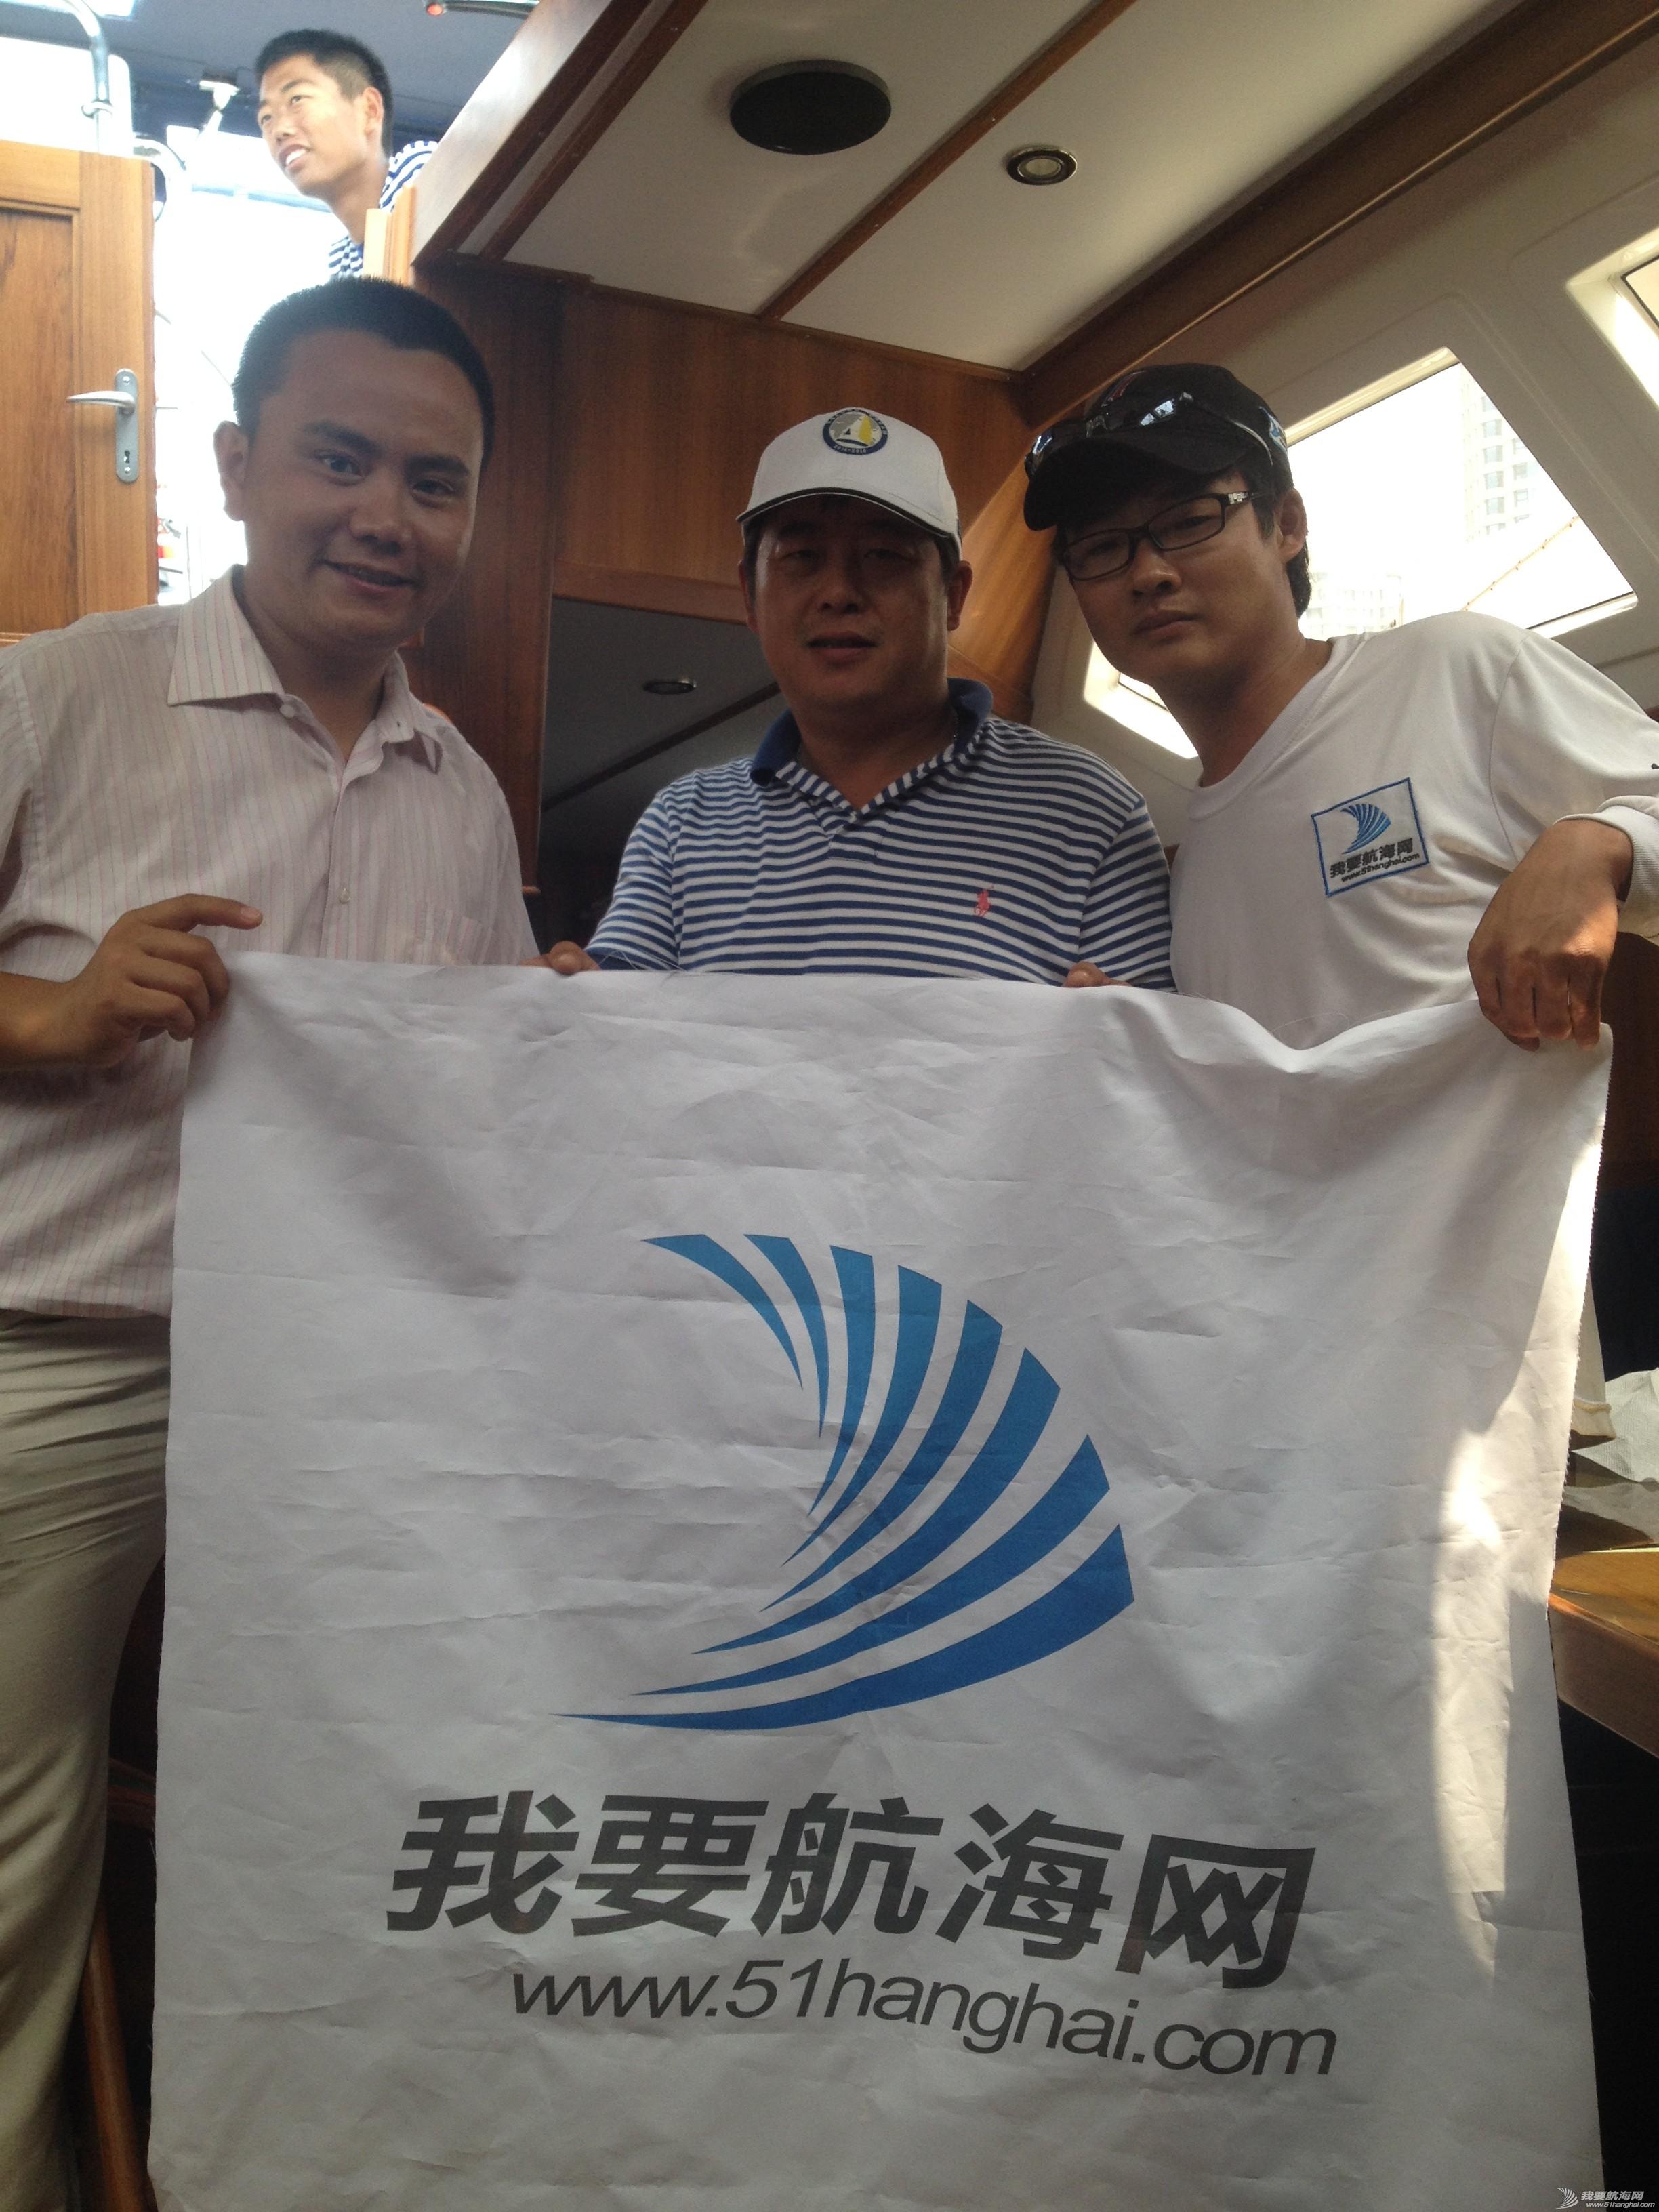 薛家平拜访7月即将开始环球航行的高民船长并交流航海路线 IMG_5077.JPG